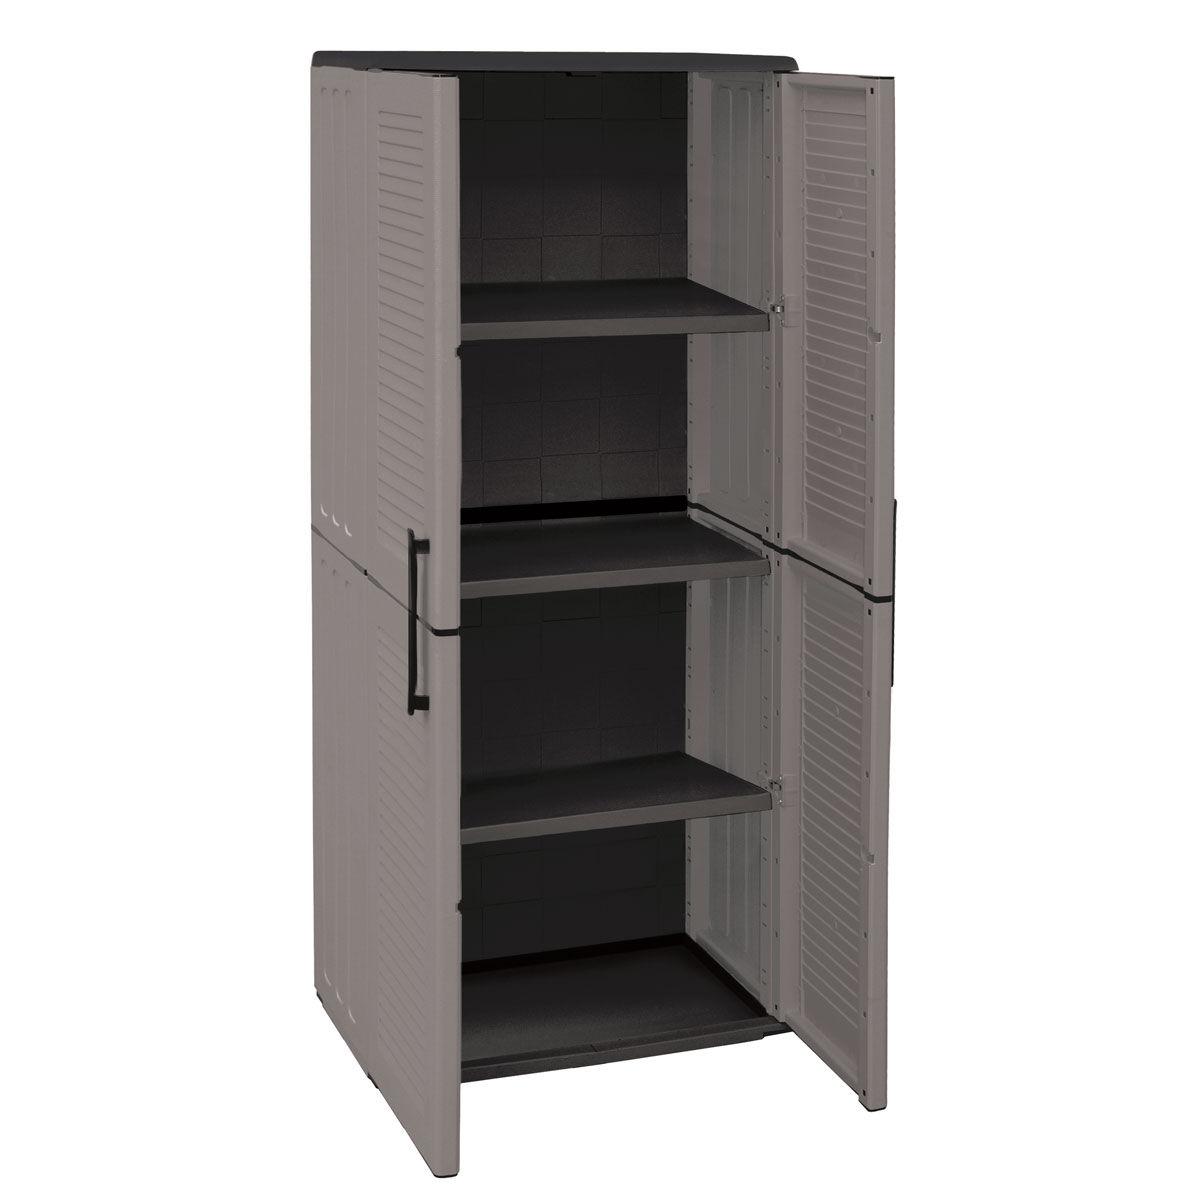 Armarios de pl stico con estantes regulables - Estantes para armarios empotrados ...